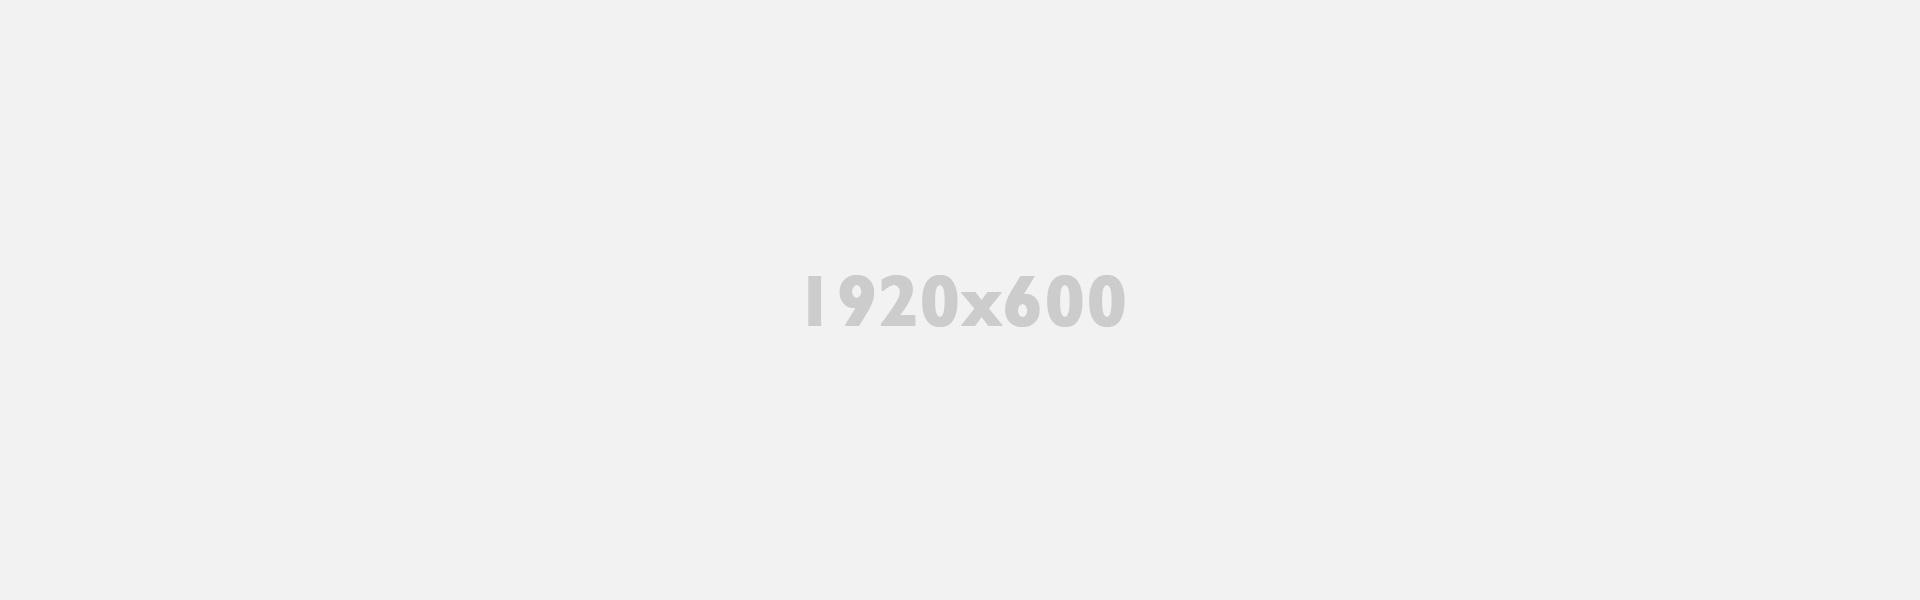 Alt tempimg_1920x600